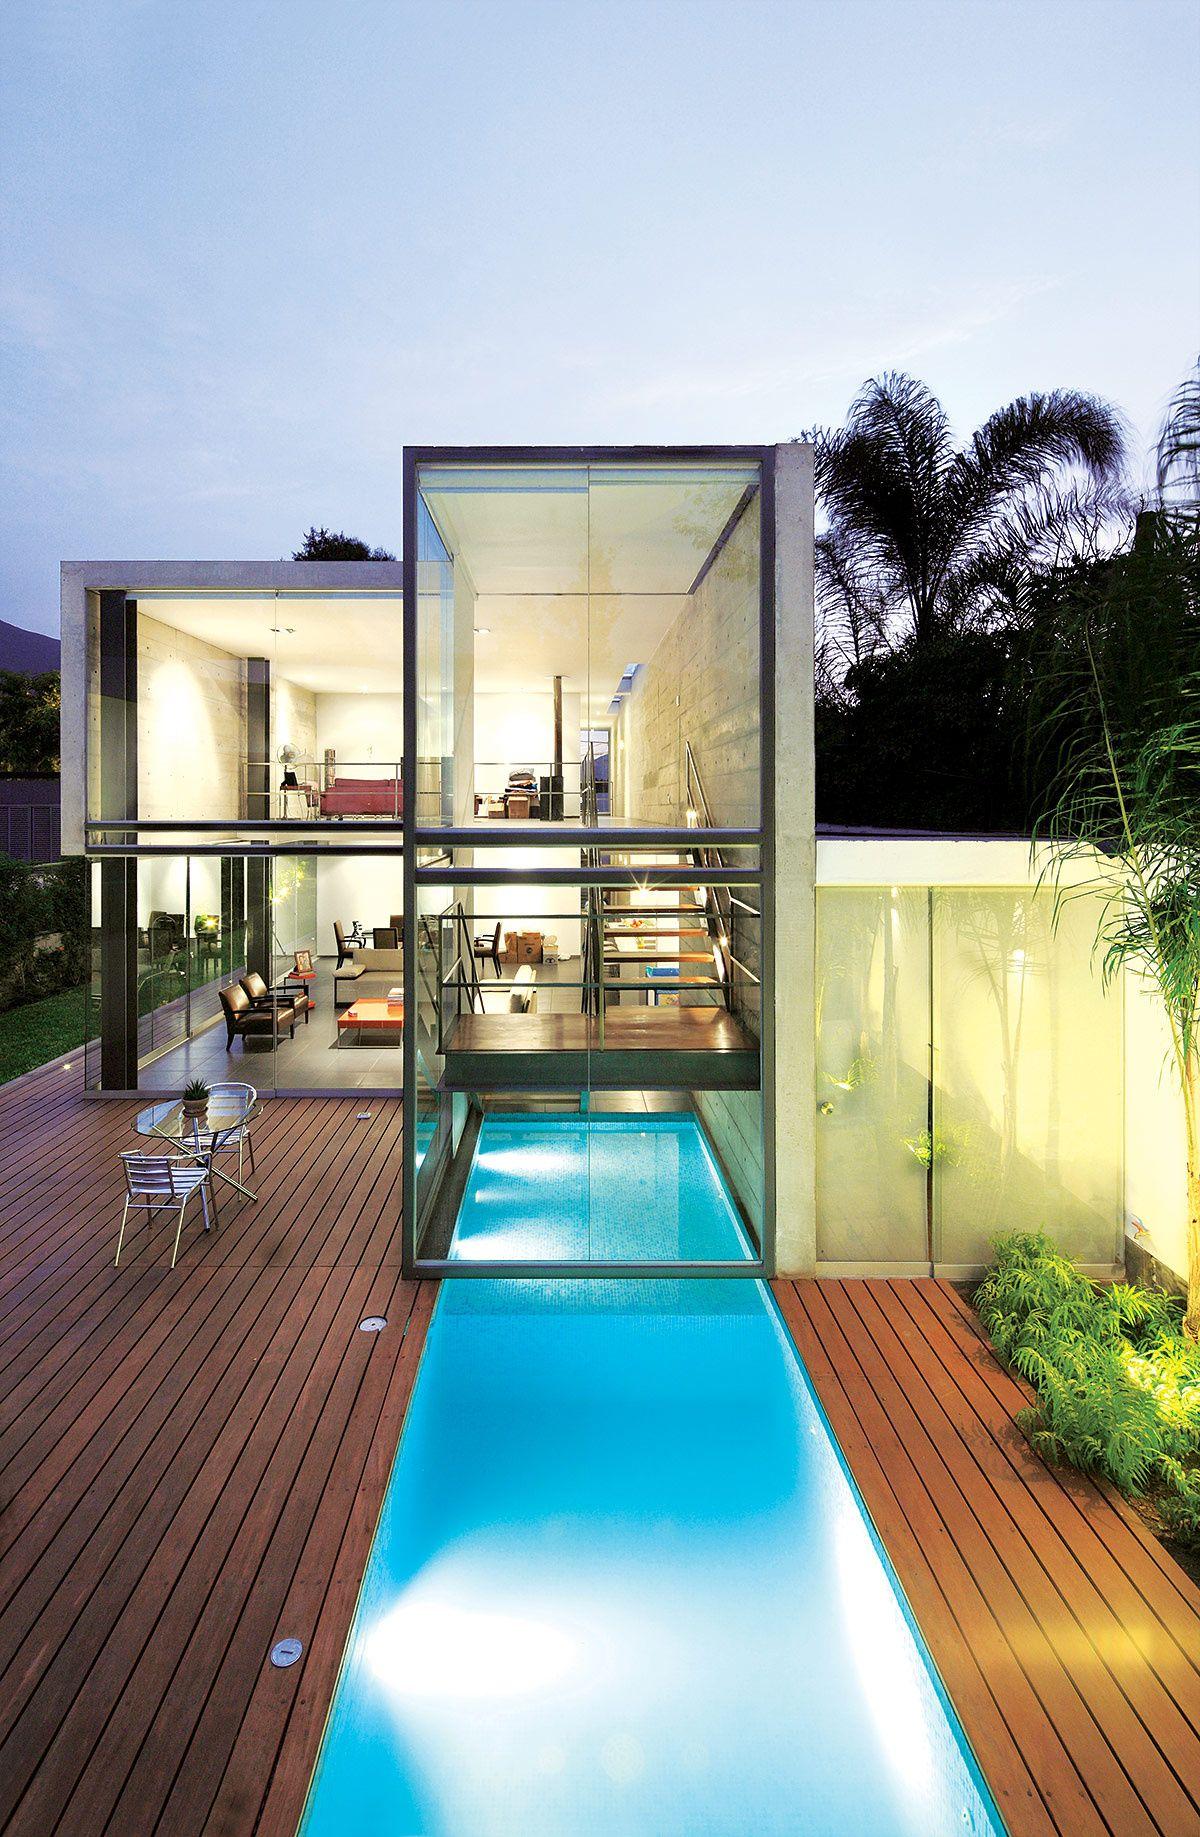 10 Albercas Para Sonar Despierto Casas Con Pileta Arquitectura